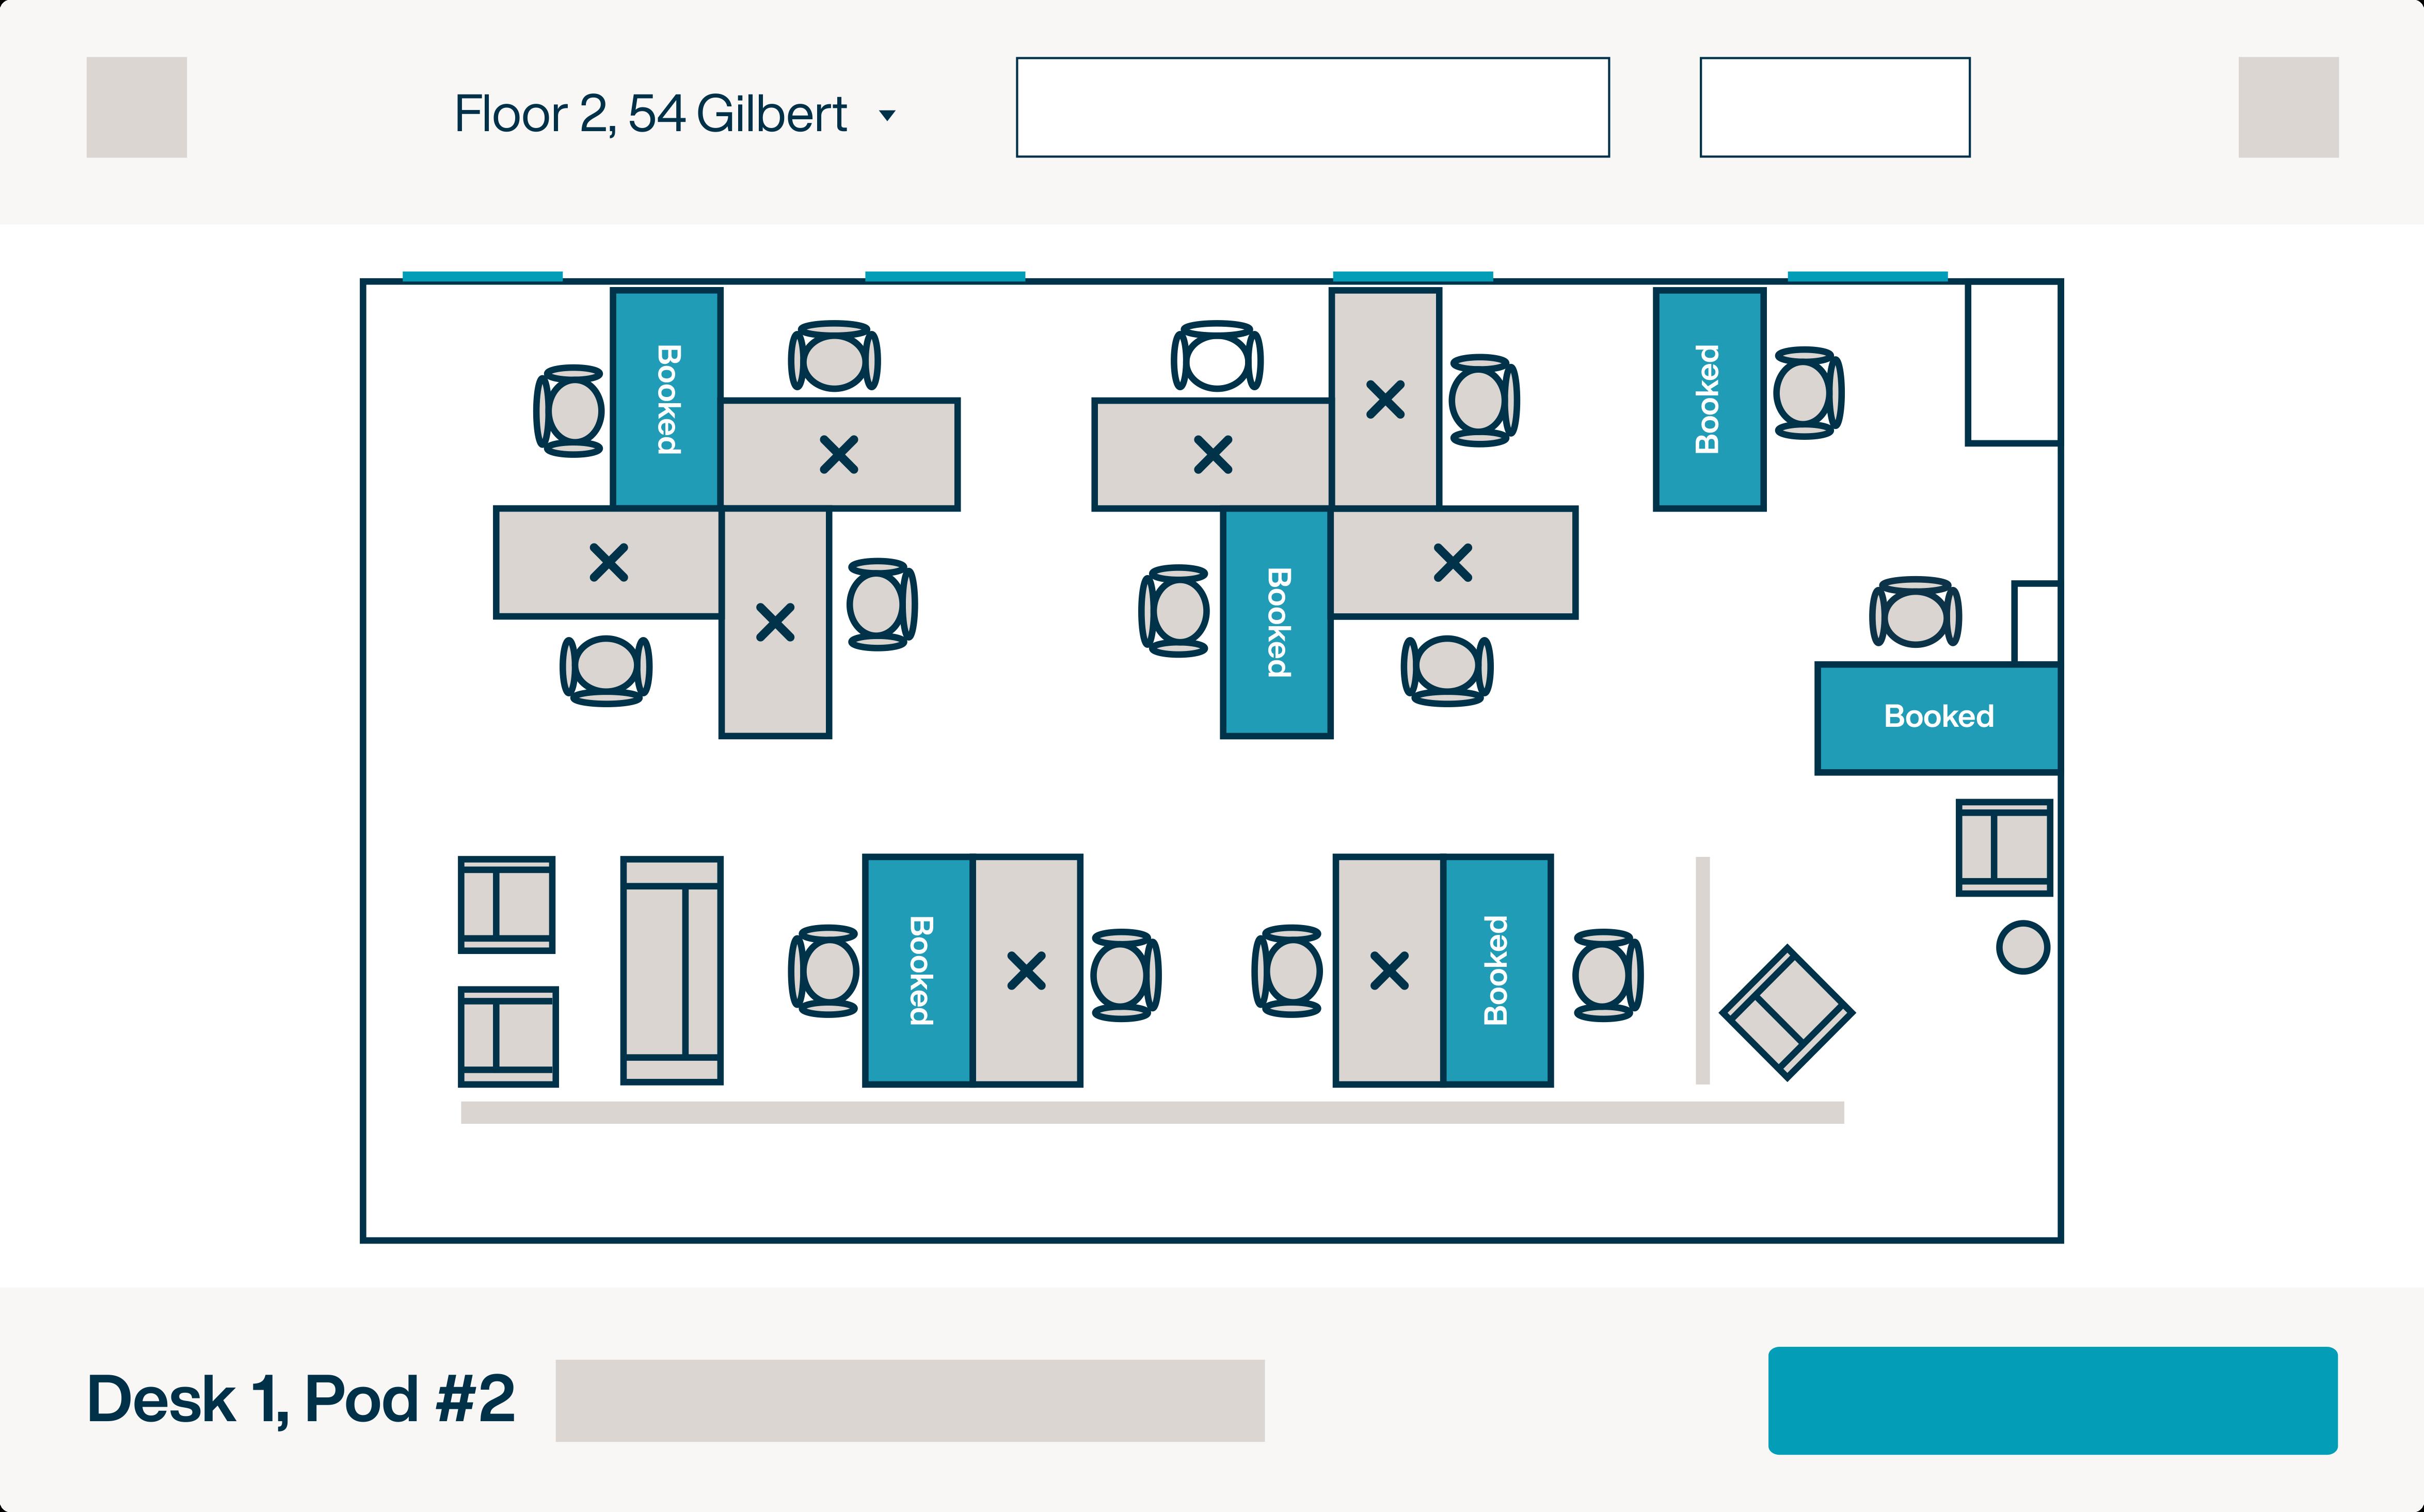 Desk booking floor plan